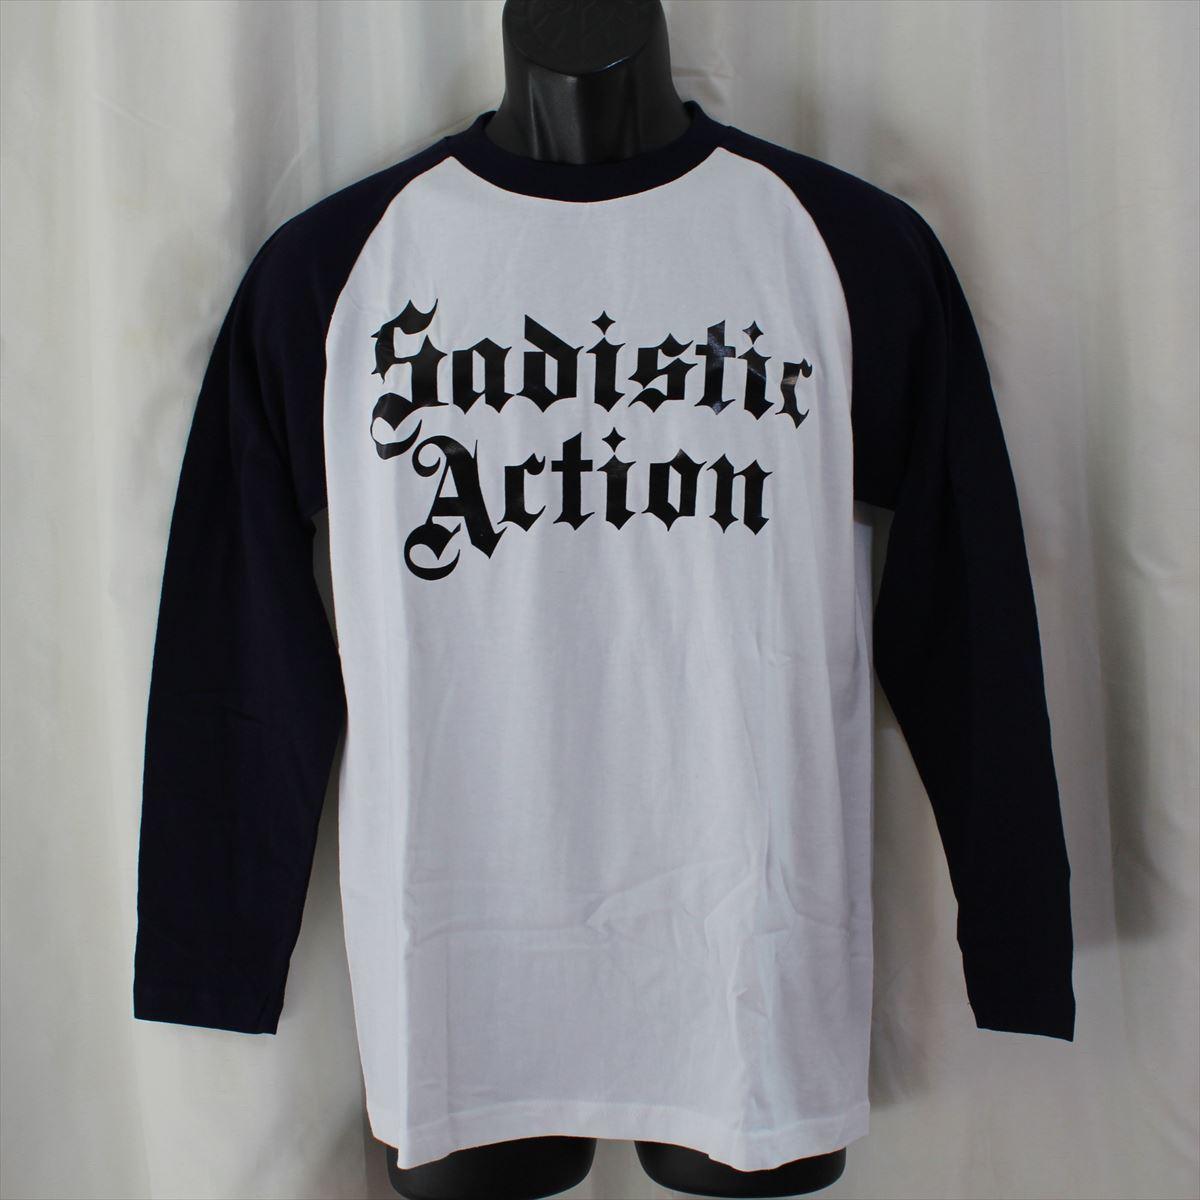 サディスティックアクション SADISTIC ACTION メンズ長袖Tシャツ Mサイズ NO15 新品_3枚目の画像の首回りの色が袖首回りの紺色